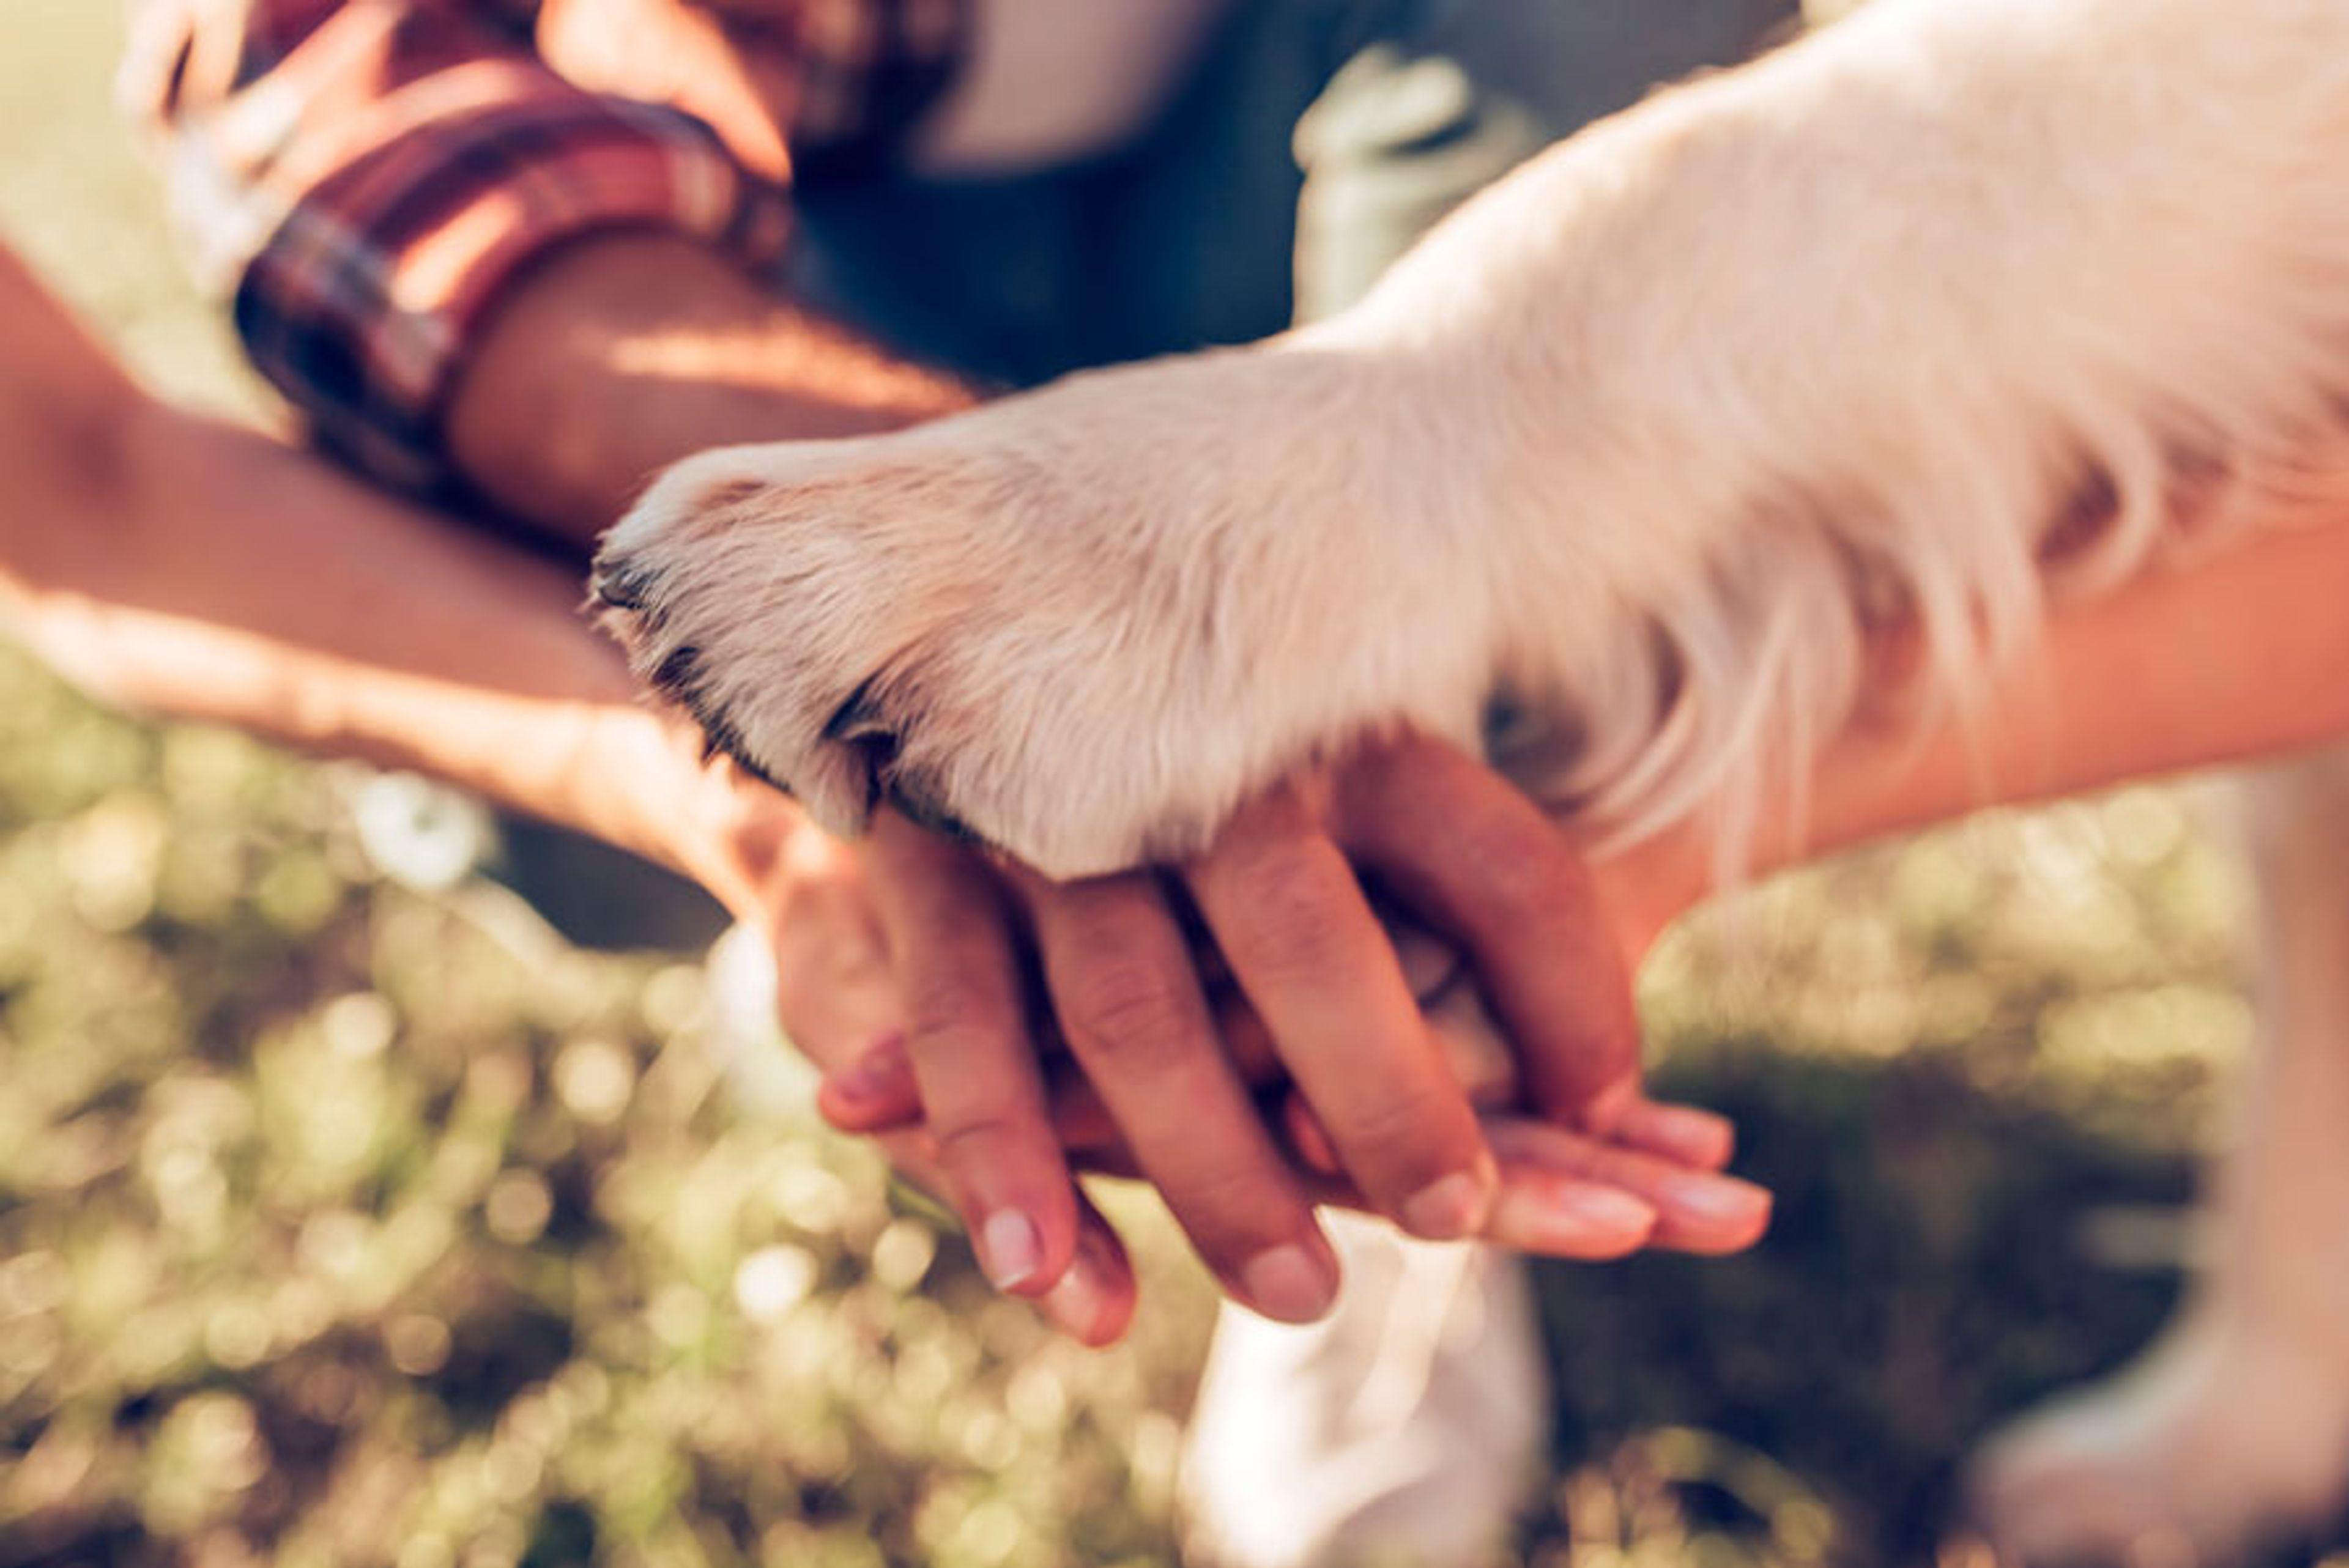 mani e zampa che si uniscono